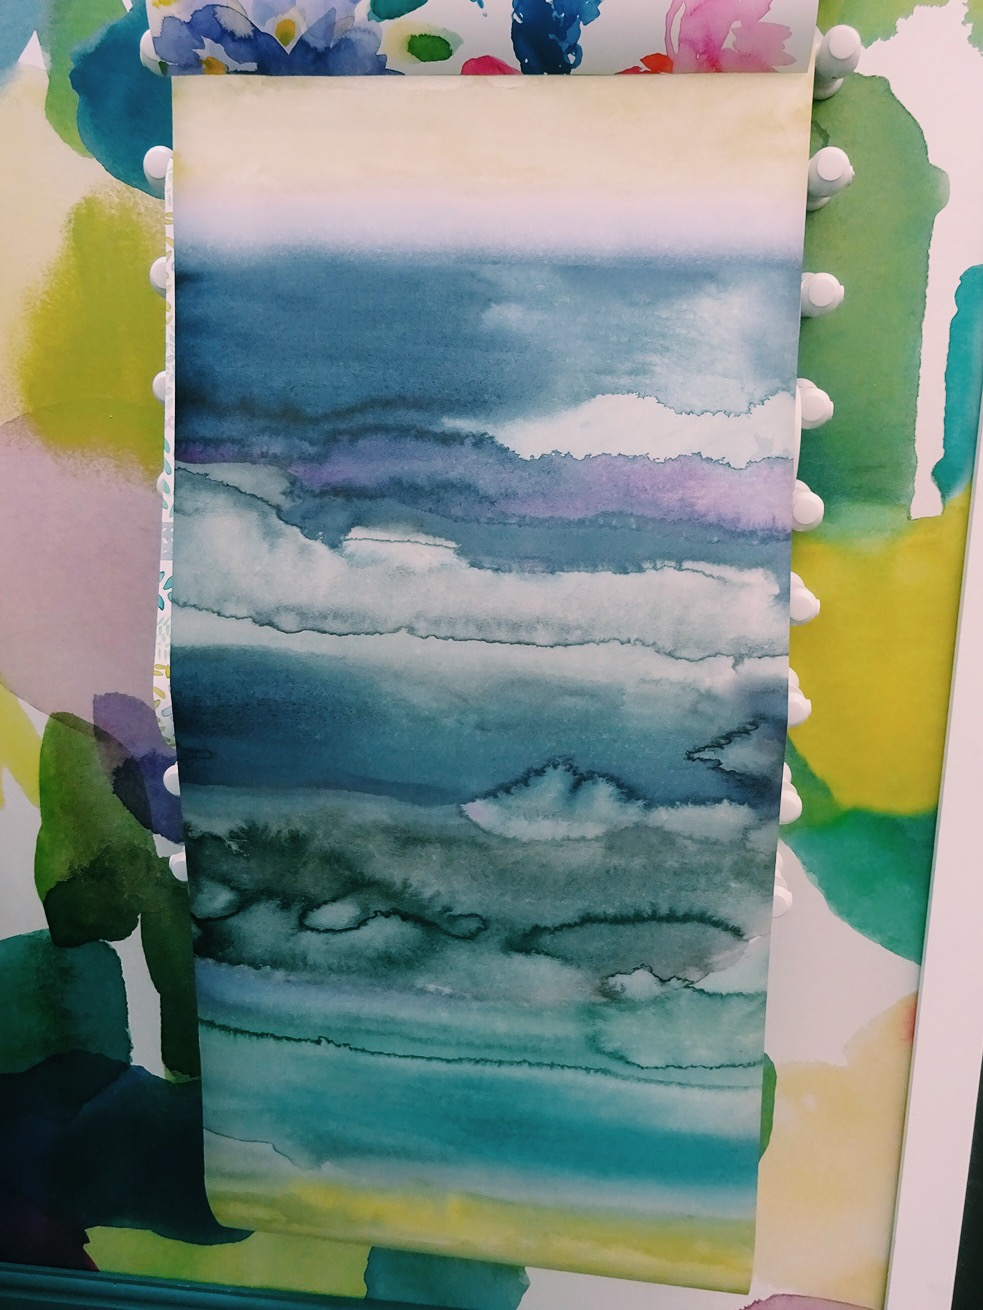 Morar Wallpaper